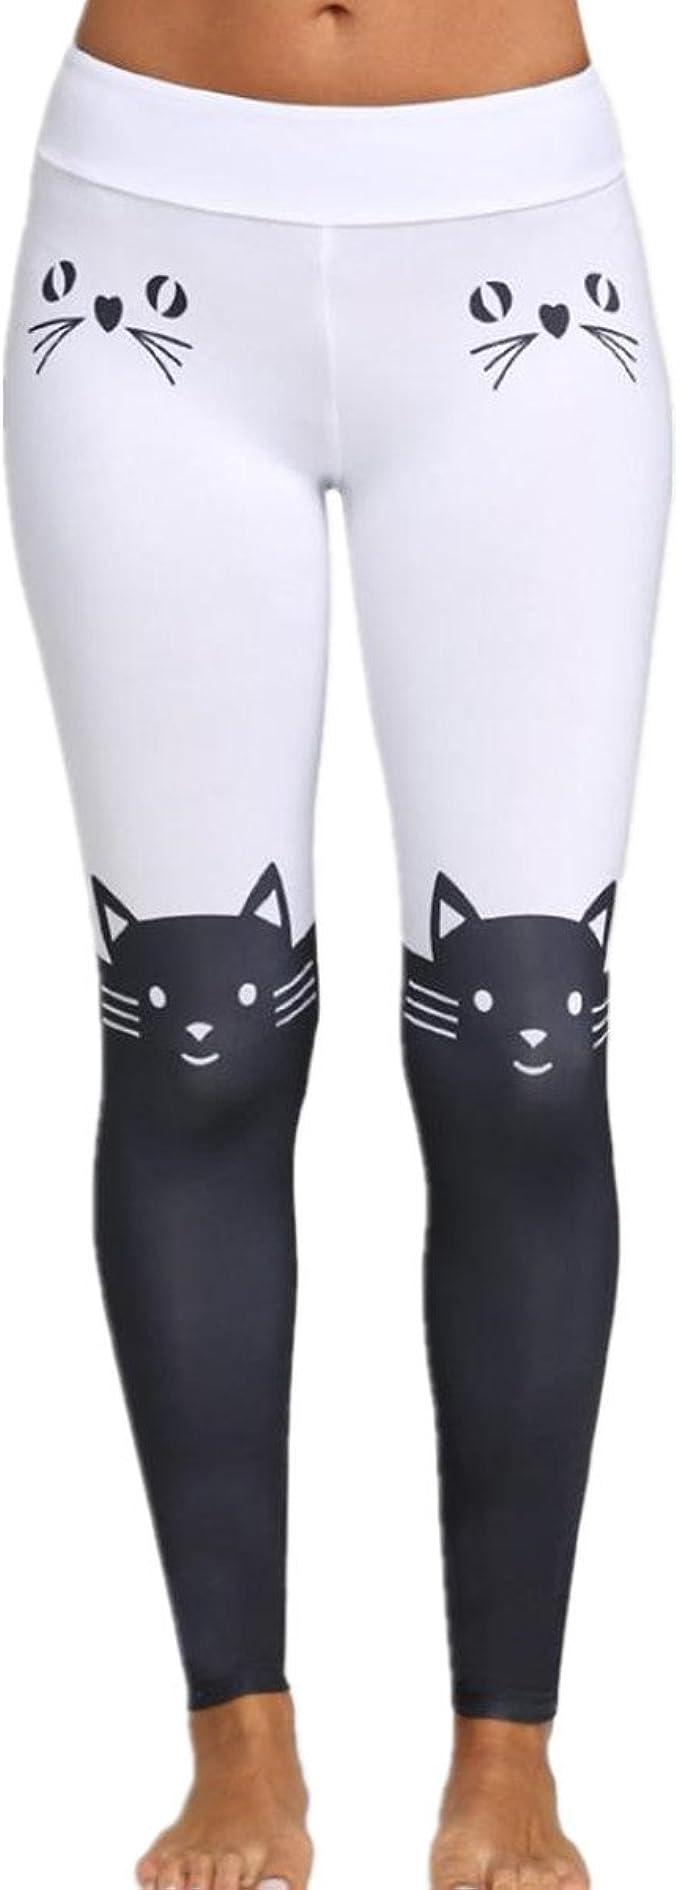 Daylin Mujer Polainas Moda Casual Gato Impresión Yoga Pantalones Deportivos: Amazon.es: Ropa y accesorios